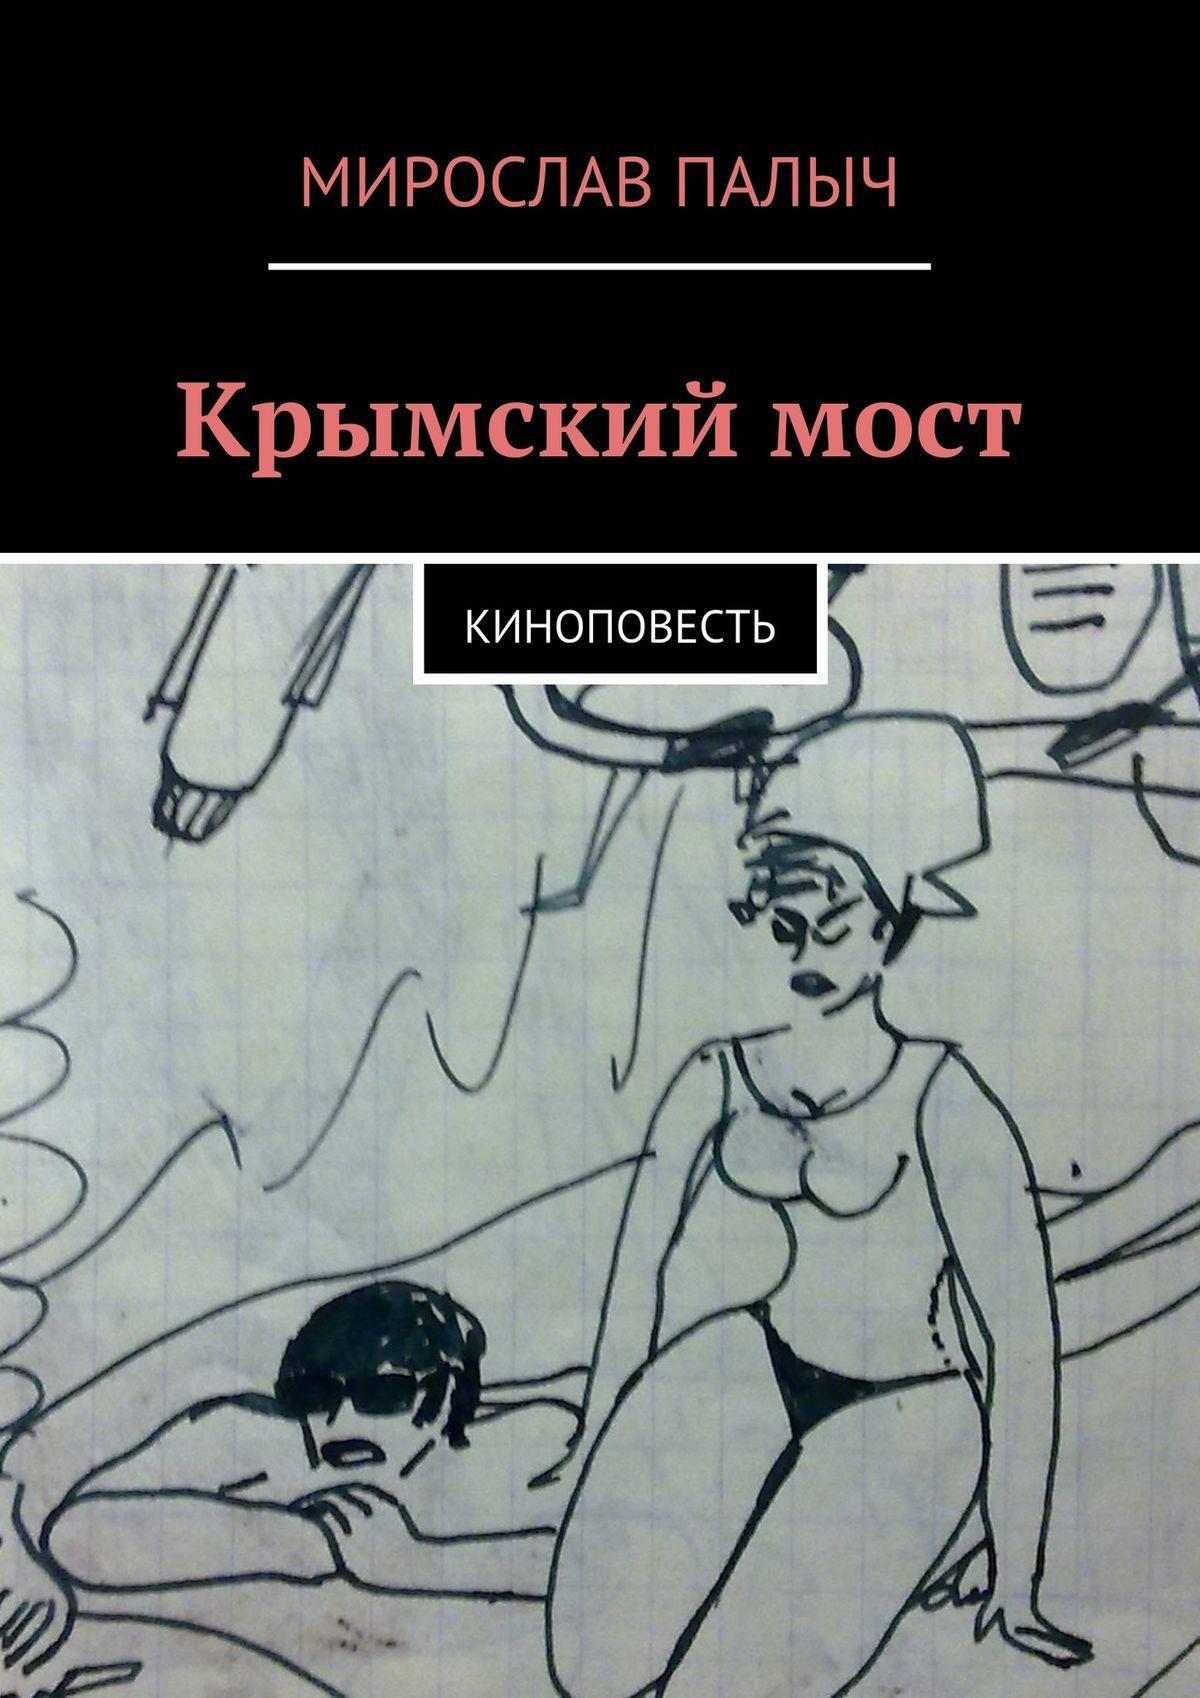 Мирослав Палыч - Крымский мост. Киноповесть